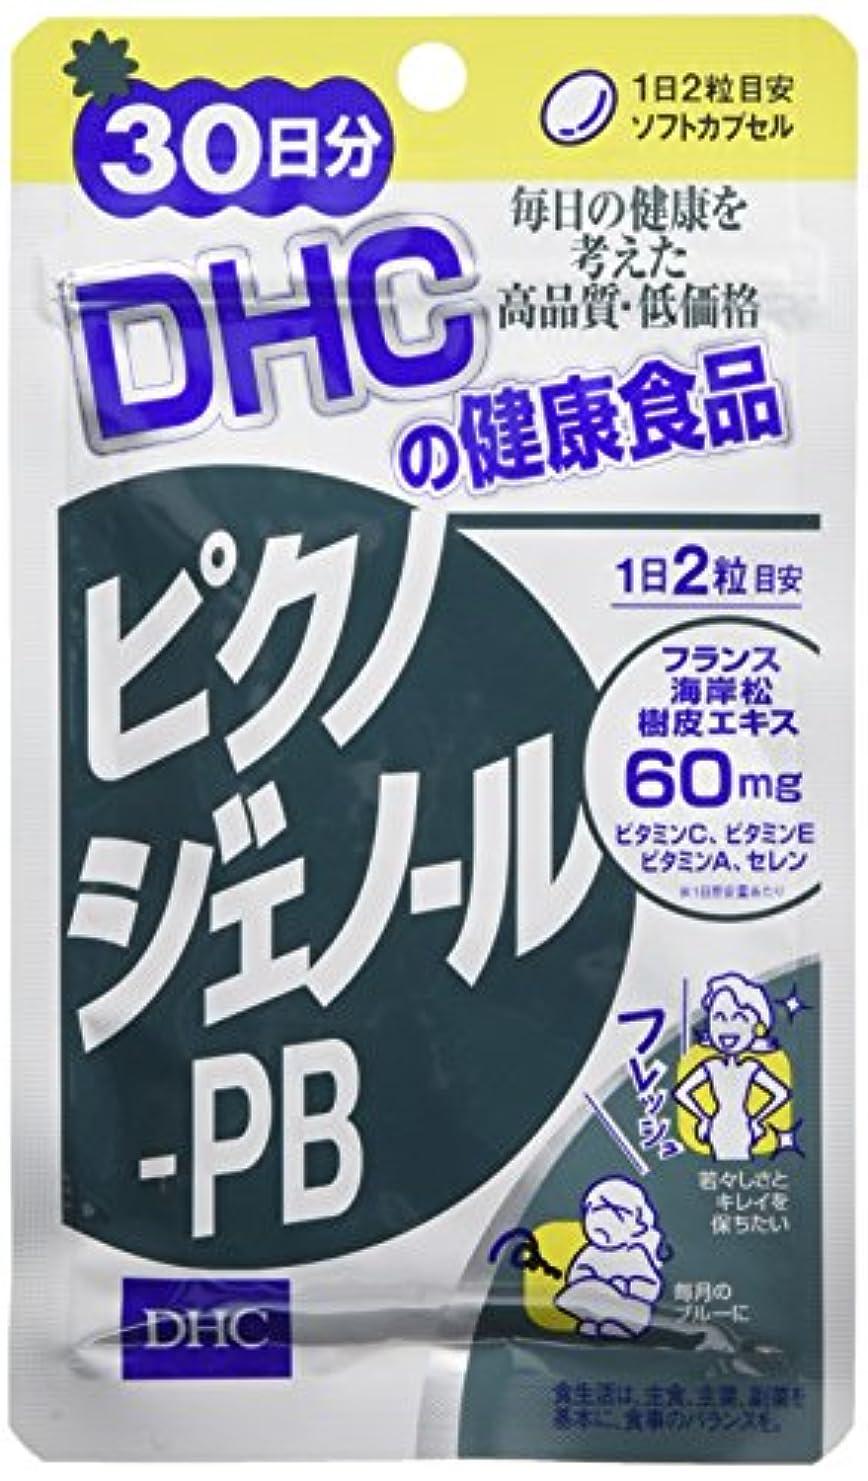 囲い毒性問い合わせピクノジェノール-PB 30日分